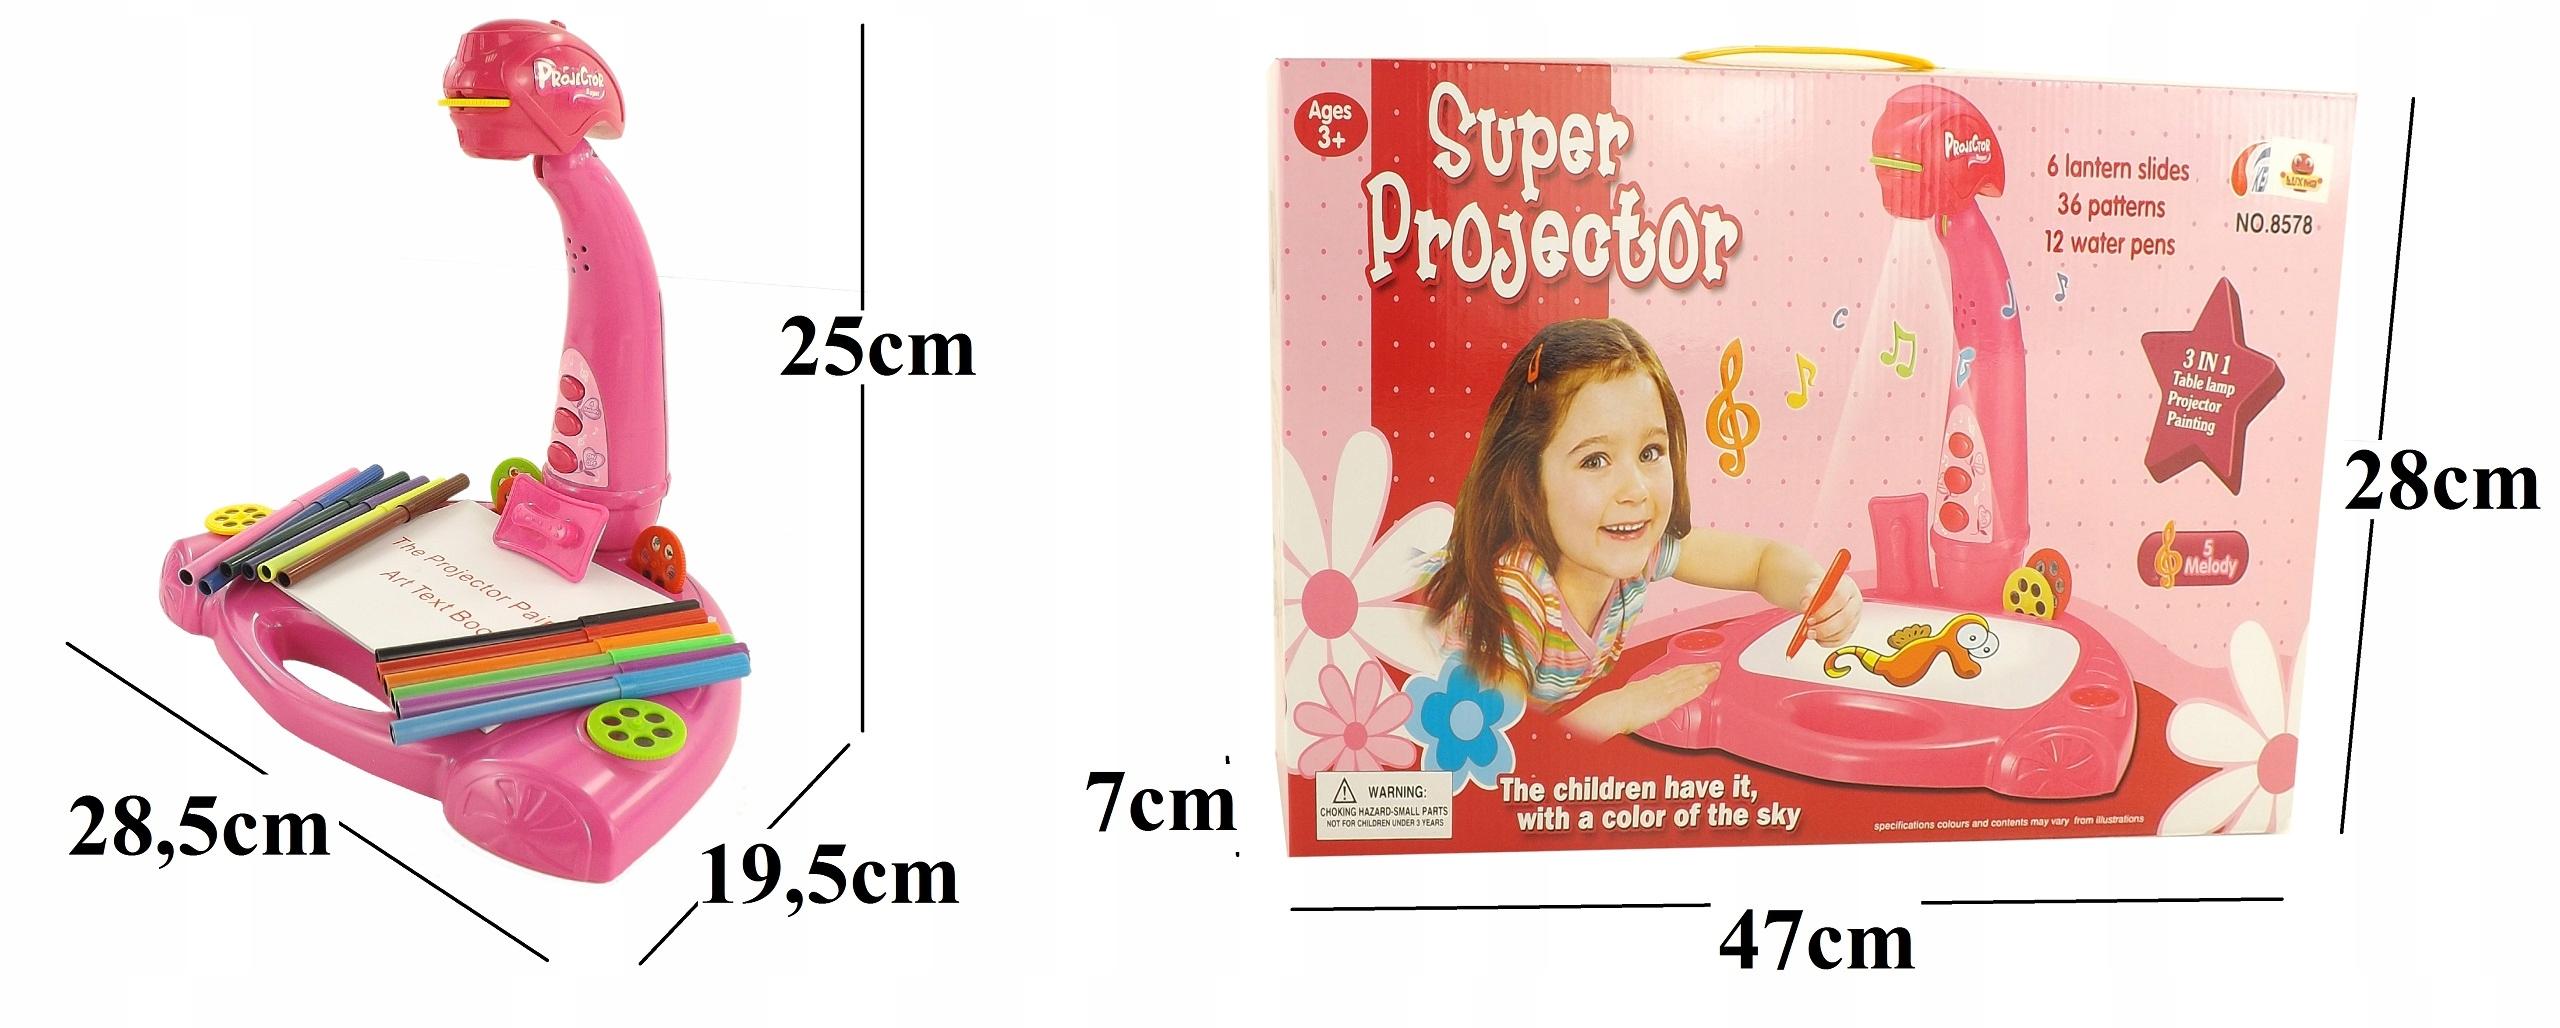 PROJEKTOR RZUTNIK DO NAUKI RYSOWANIA 3W1 - 8578 R Głębokość produktu 19.5 cm